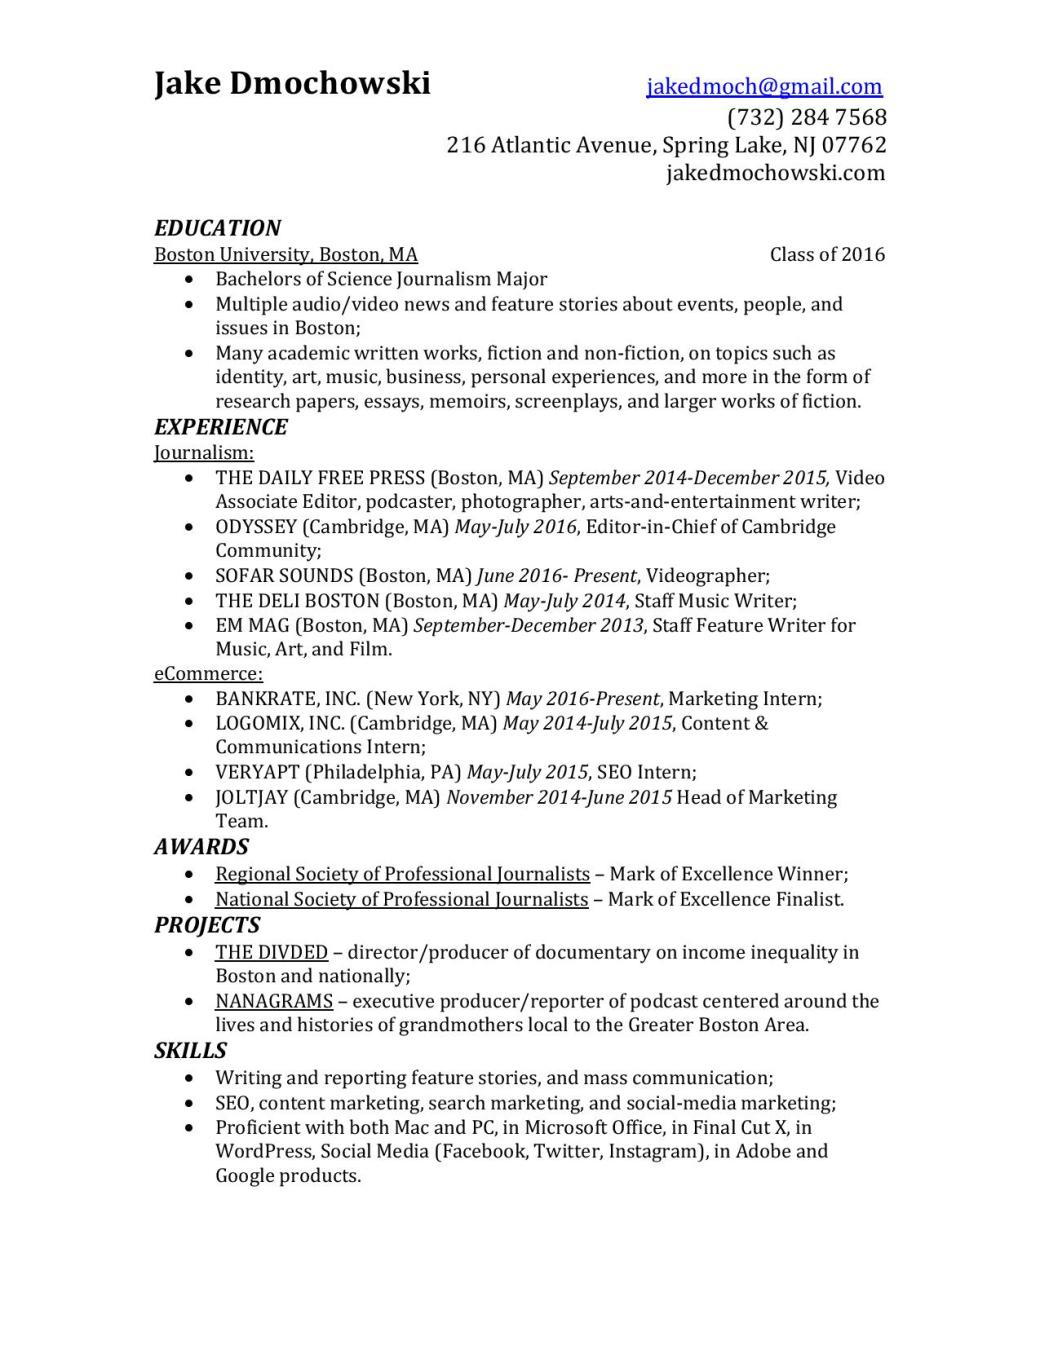 Jake Dmochowski Resume 2016-page-001